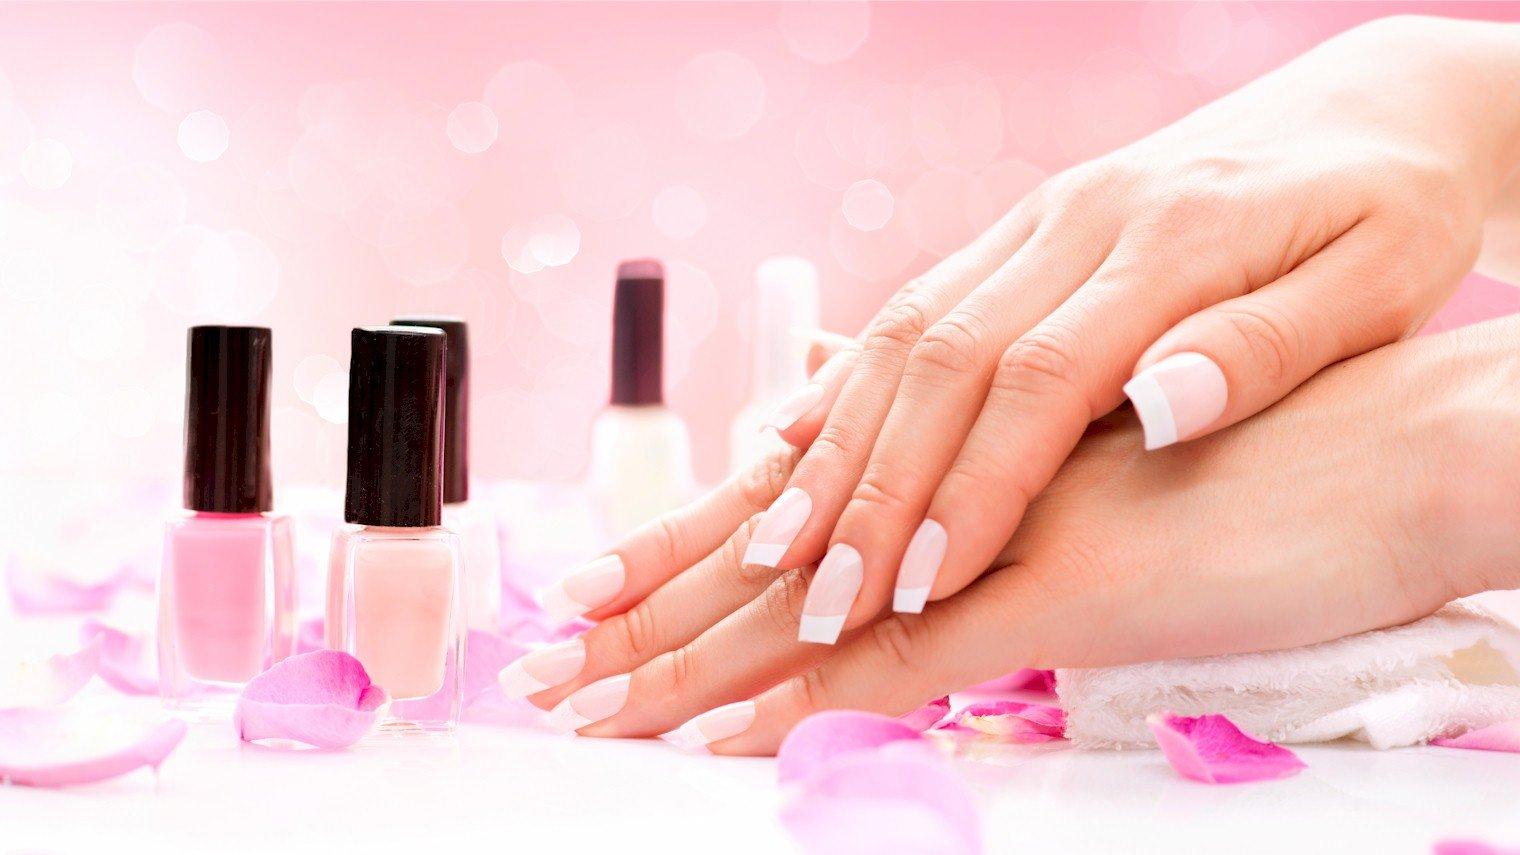 Як зробити нарощування нігтів в домашніх умовах? Види процедур і інструменти, необхідні для їх проведення